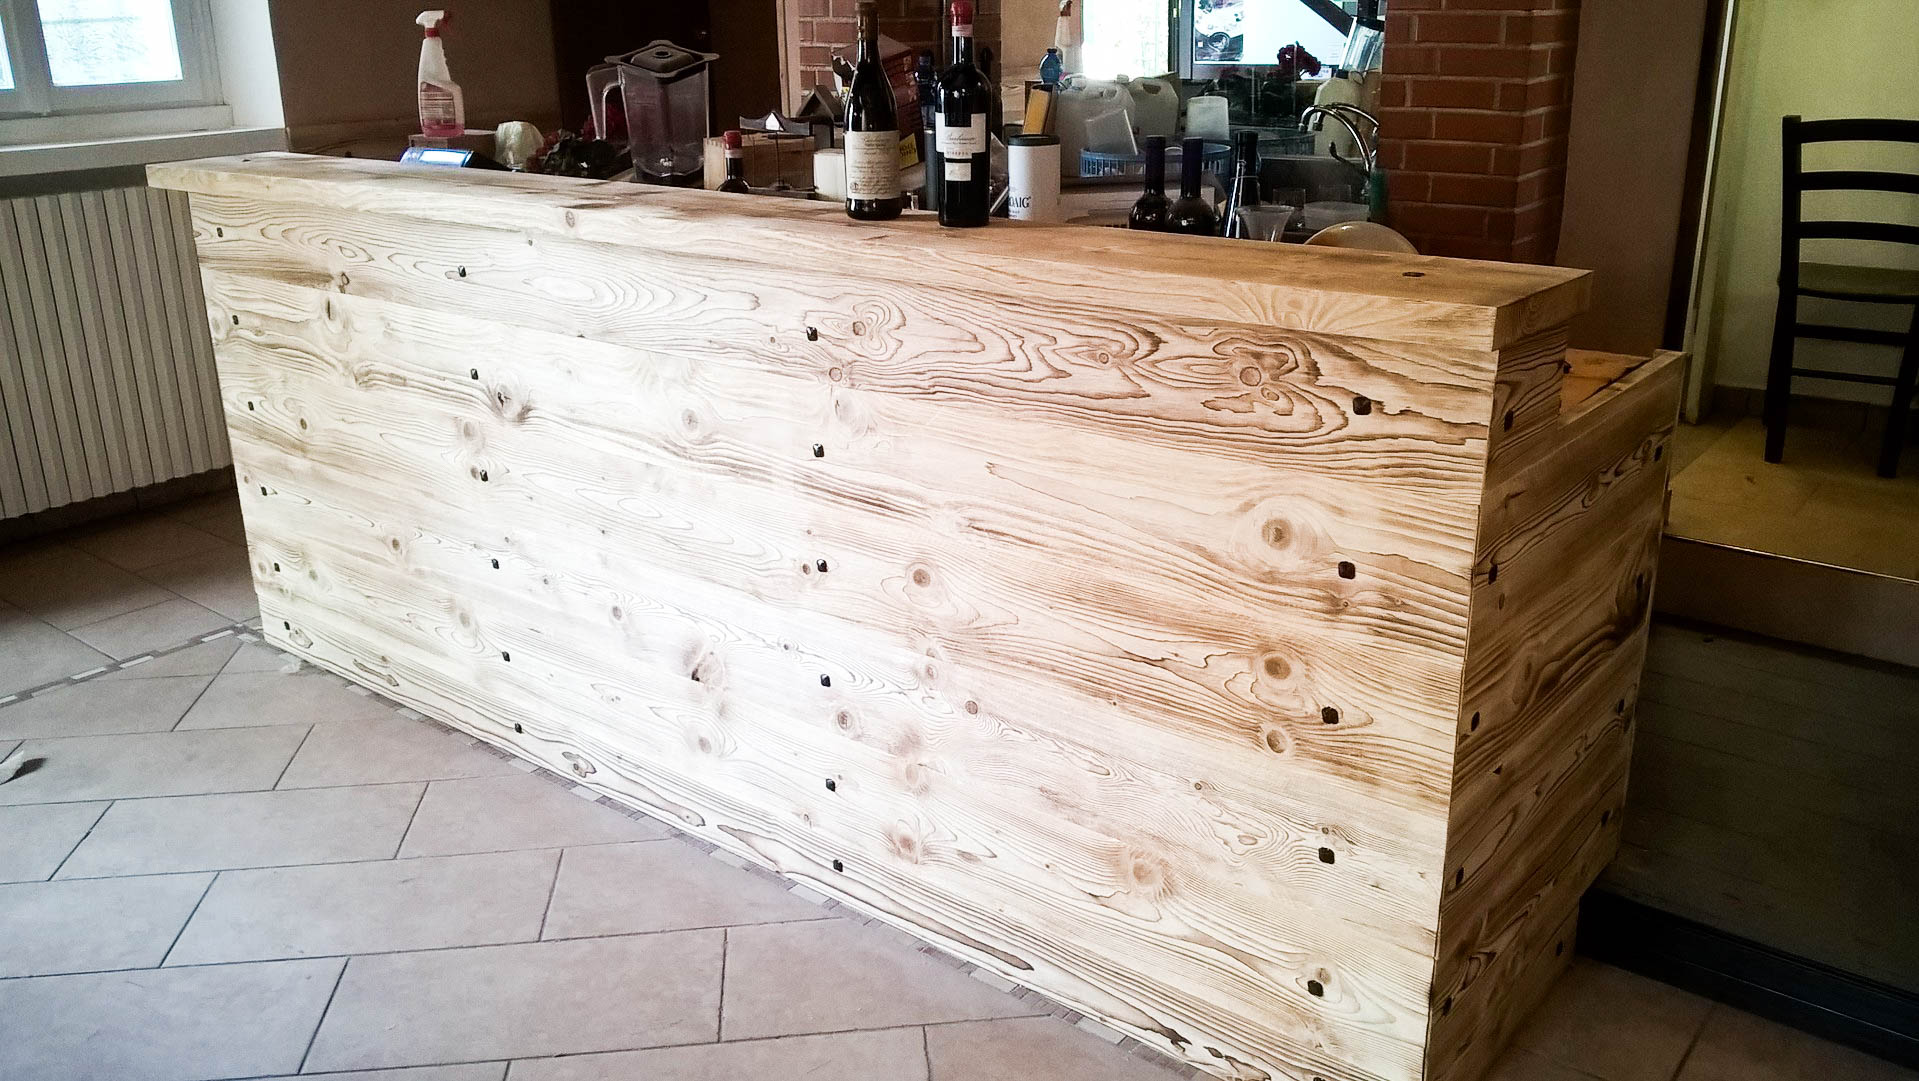 Bancone In Legno Costruito Artigianalmente : Tavolo rustico in legno. fuori porta di legno con ferro tavolo